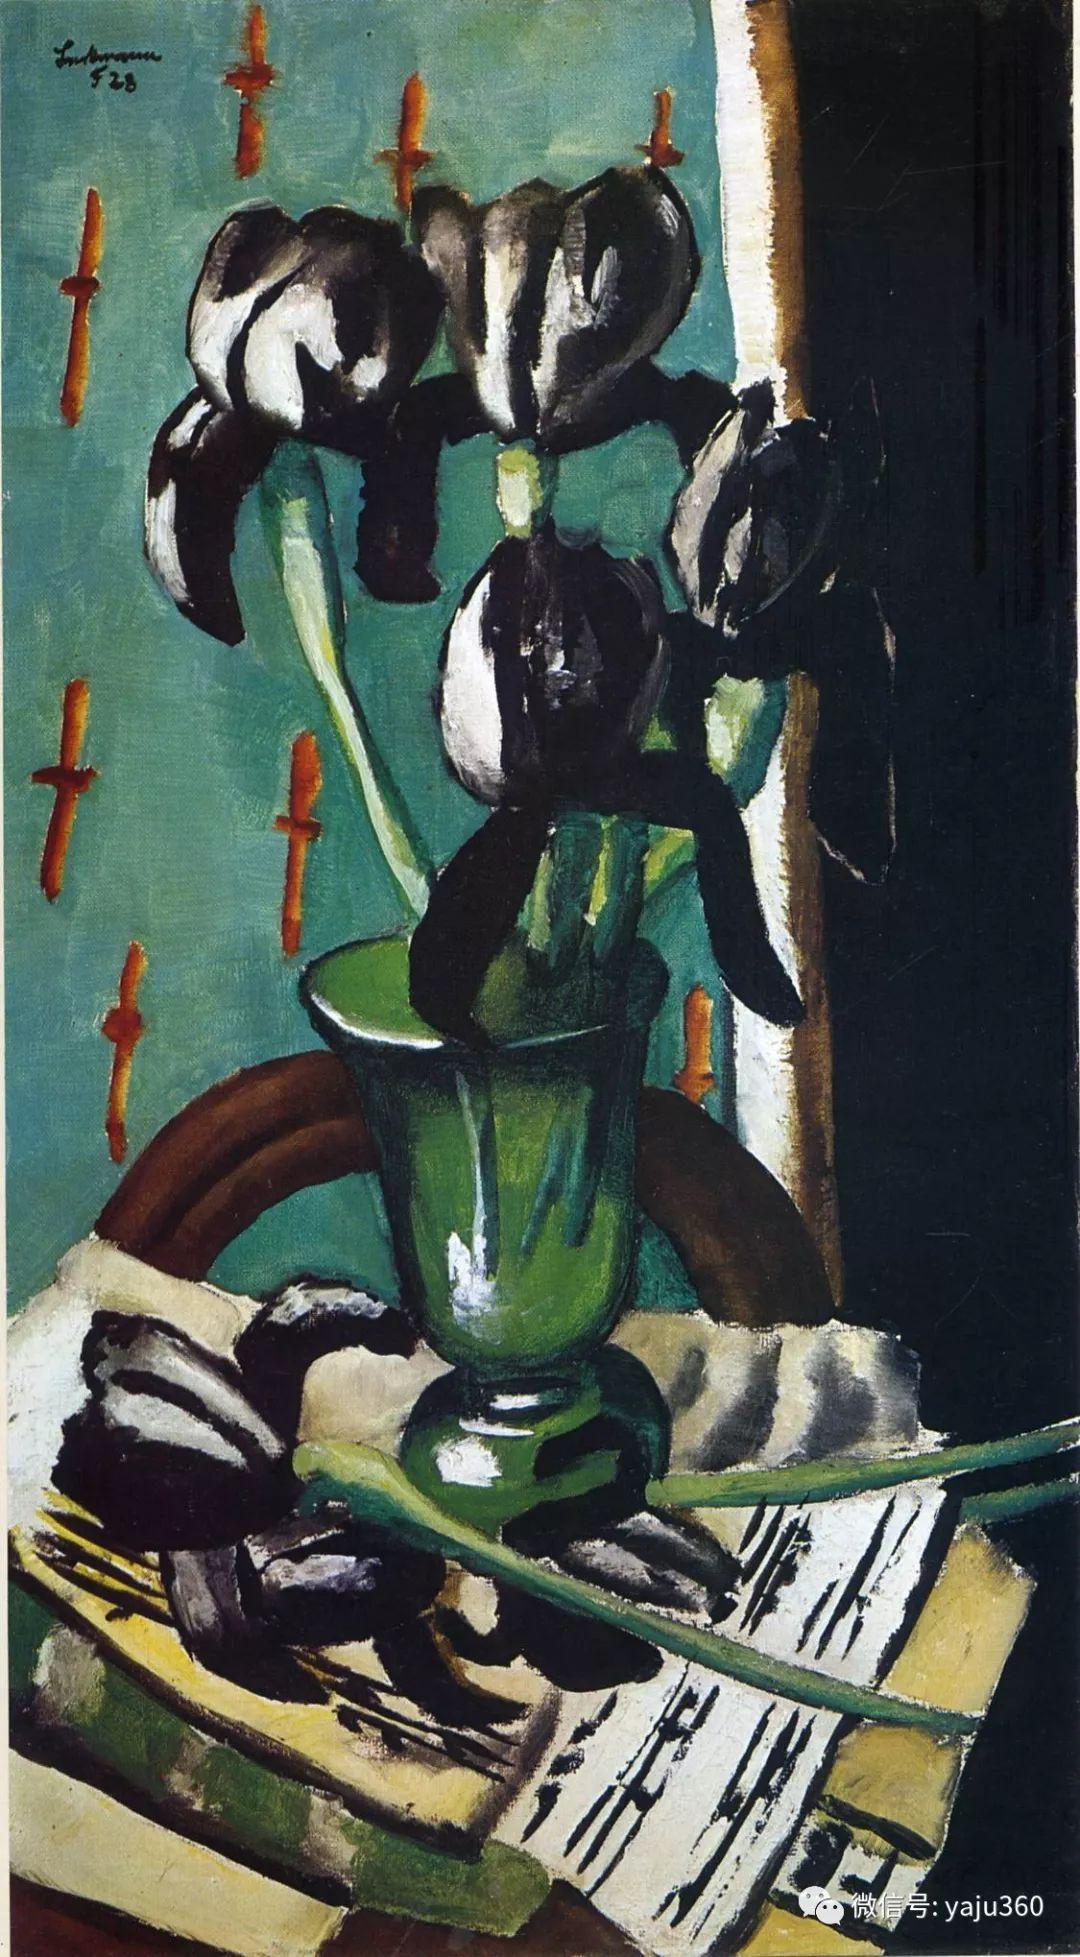 一位不可多得的艺术大师 德国画家Max Beckmann插图25